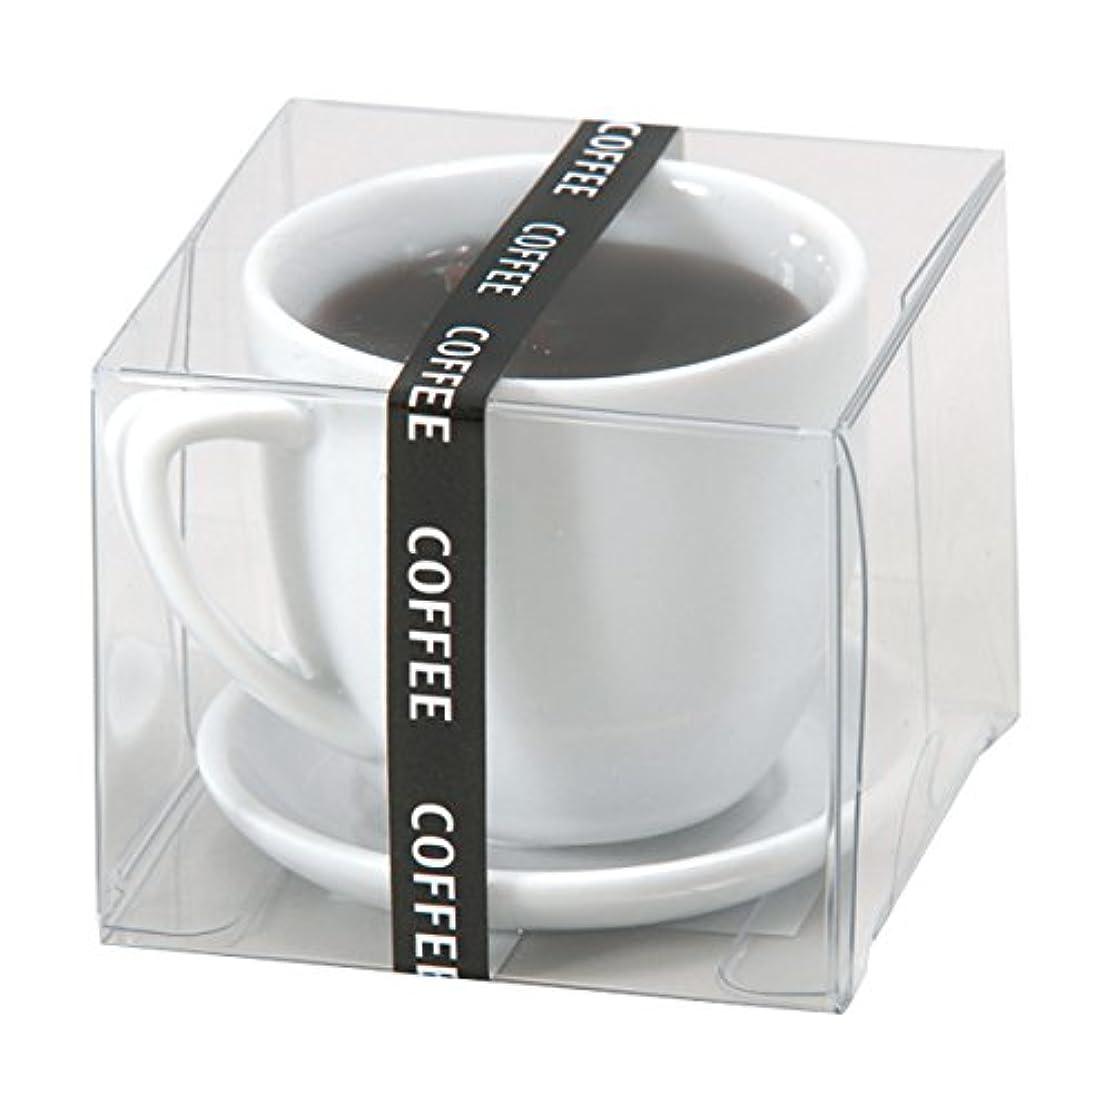 魅力的もの呪われたホットコーヒー ローソク